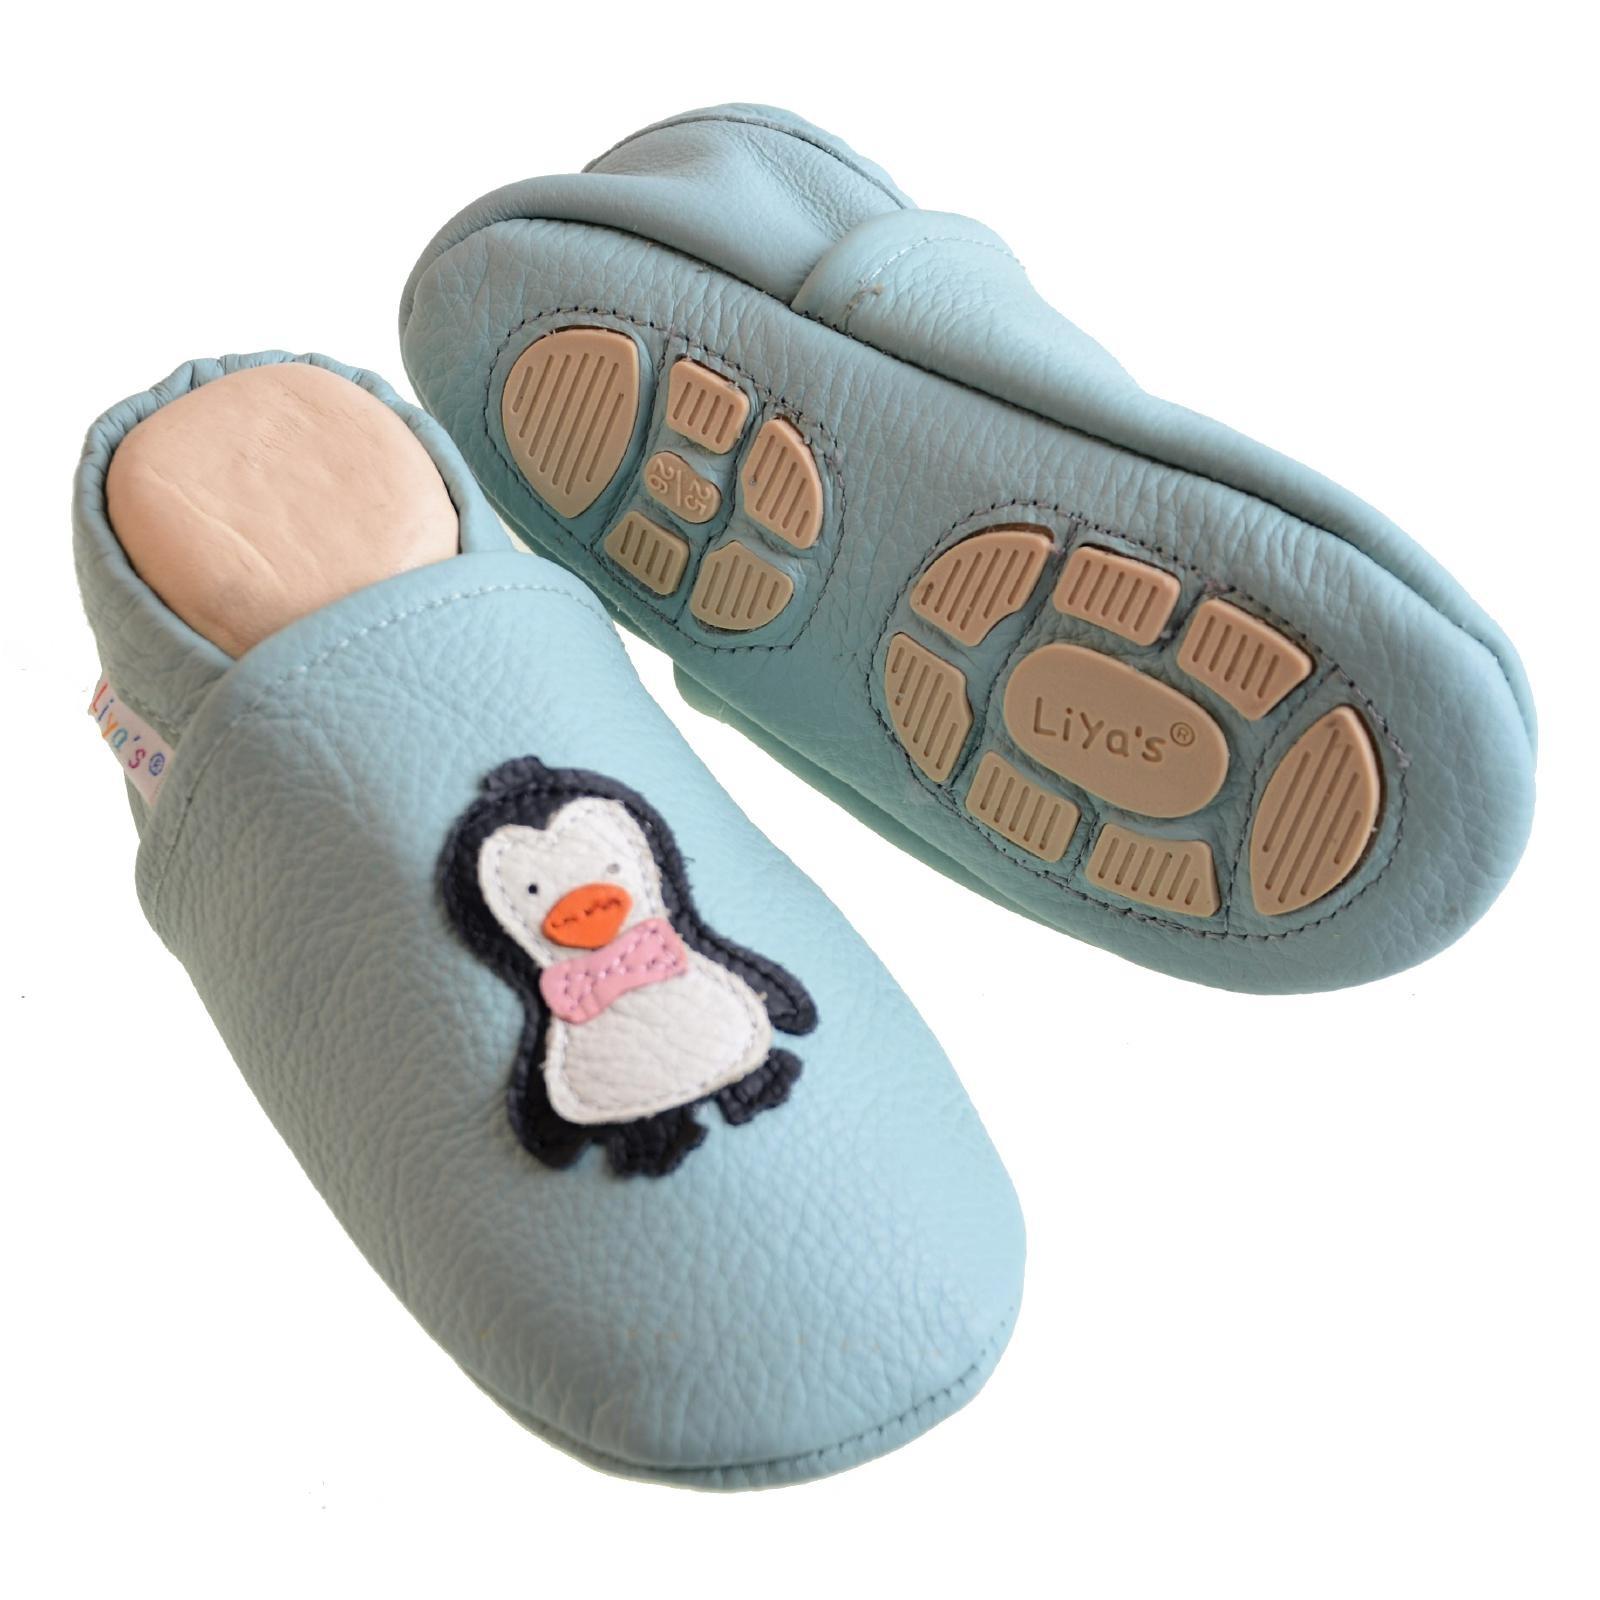 #621 Pinguin in terrakotta Liya/'s Krabbelschuhe Hausschuhe Lederpuschen